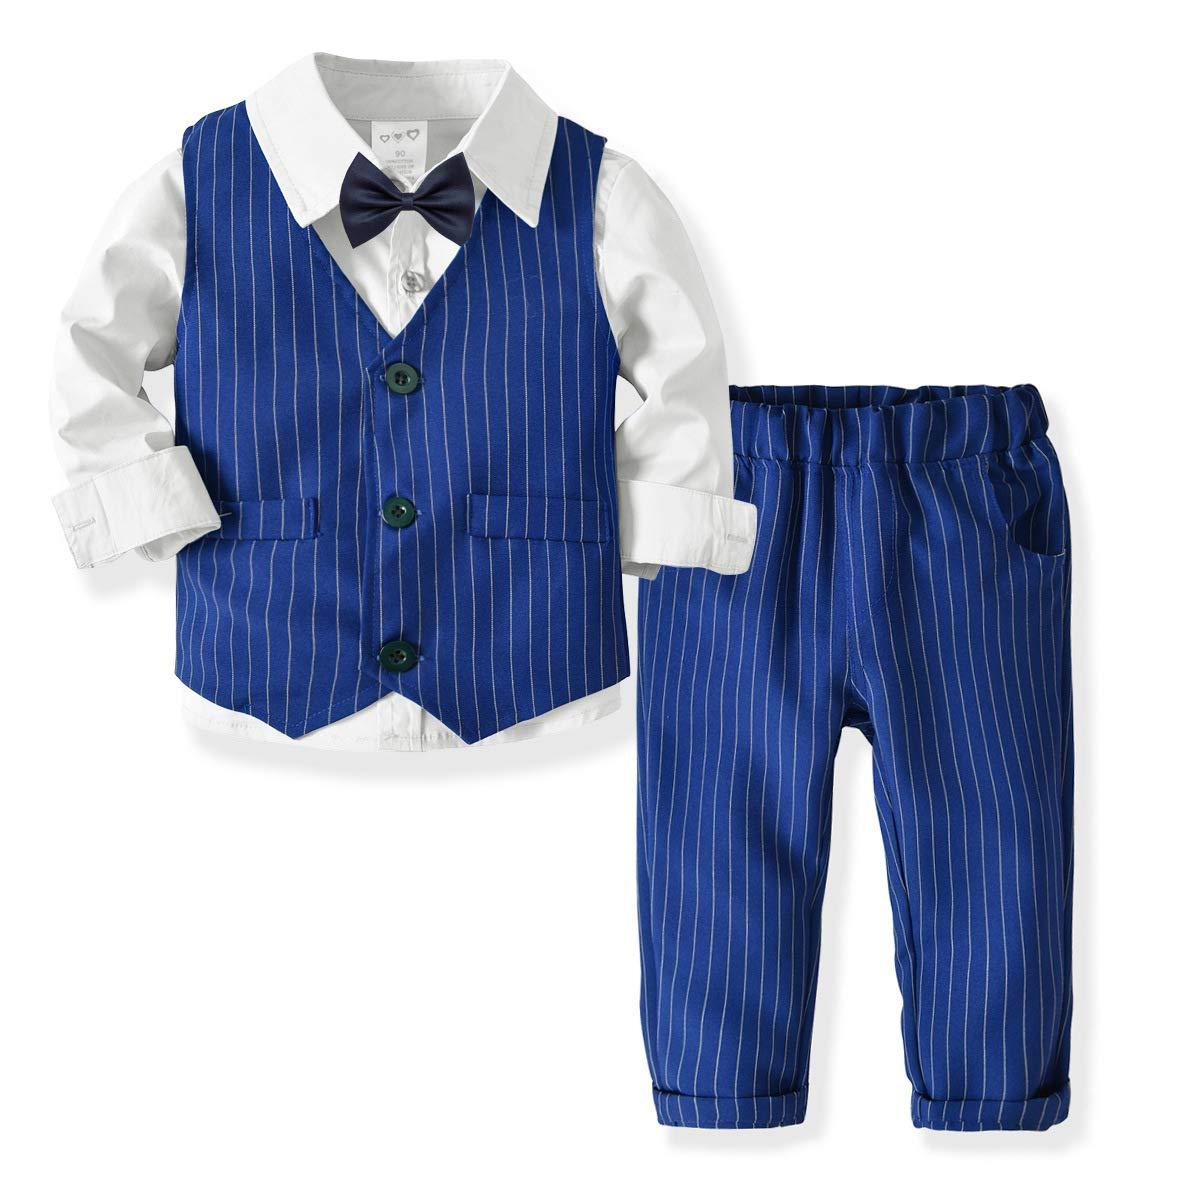 Gatti Kids Suits Tuxedo Formal Suit Vest 4pcs Outfit Set Tuxedo Formal Suits Set Shirt Waistcoat+Pants with Bowtie